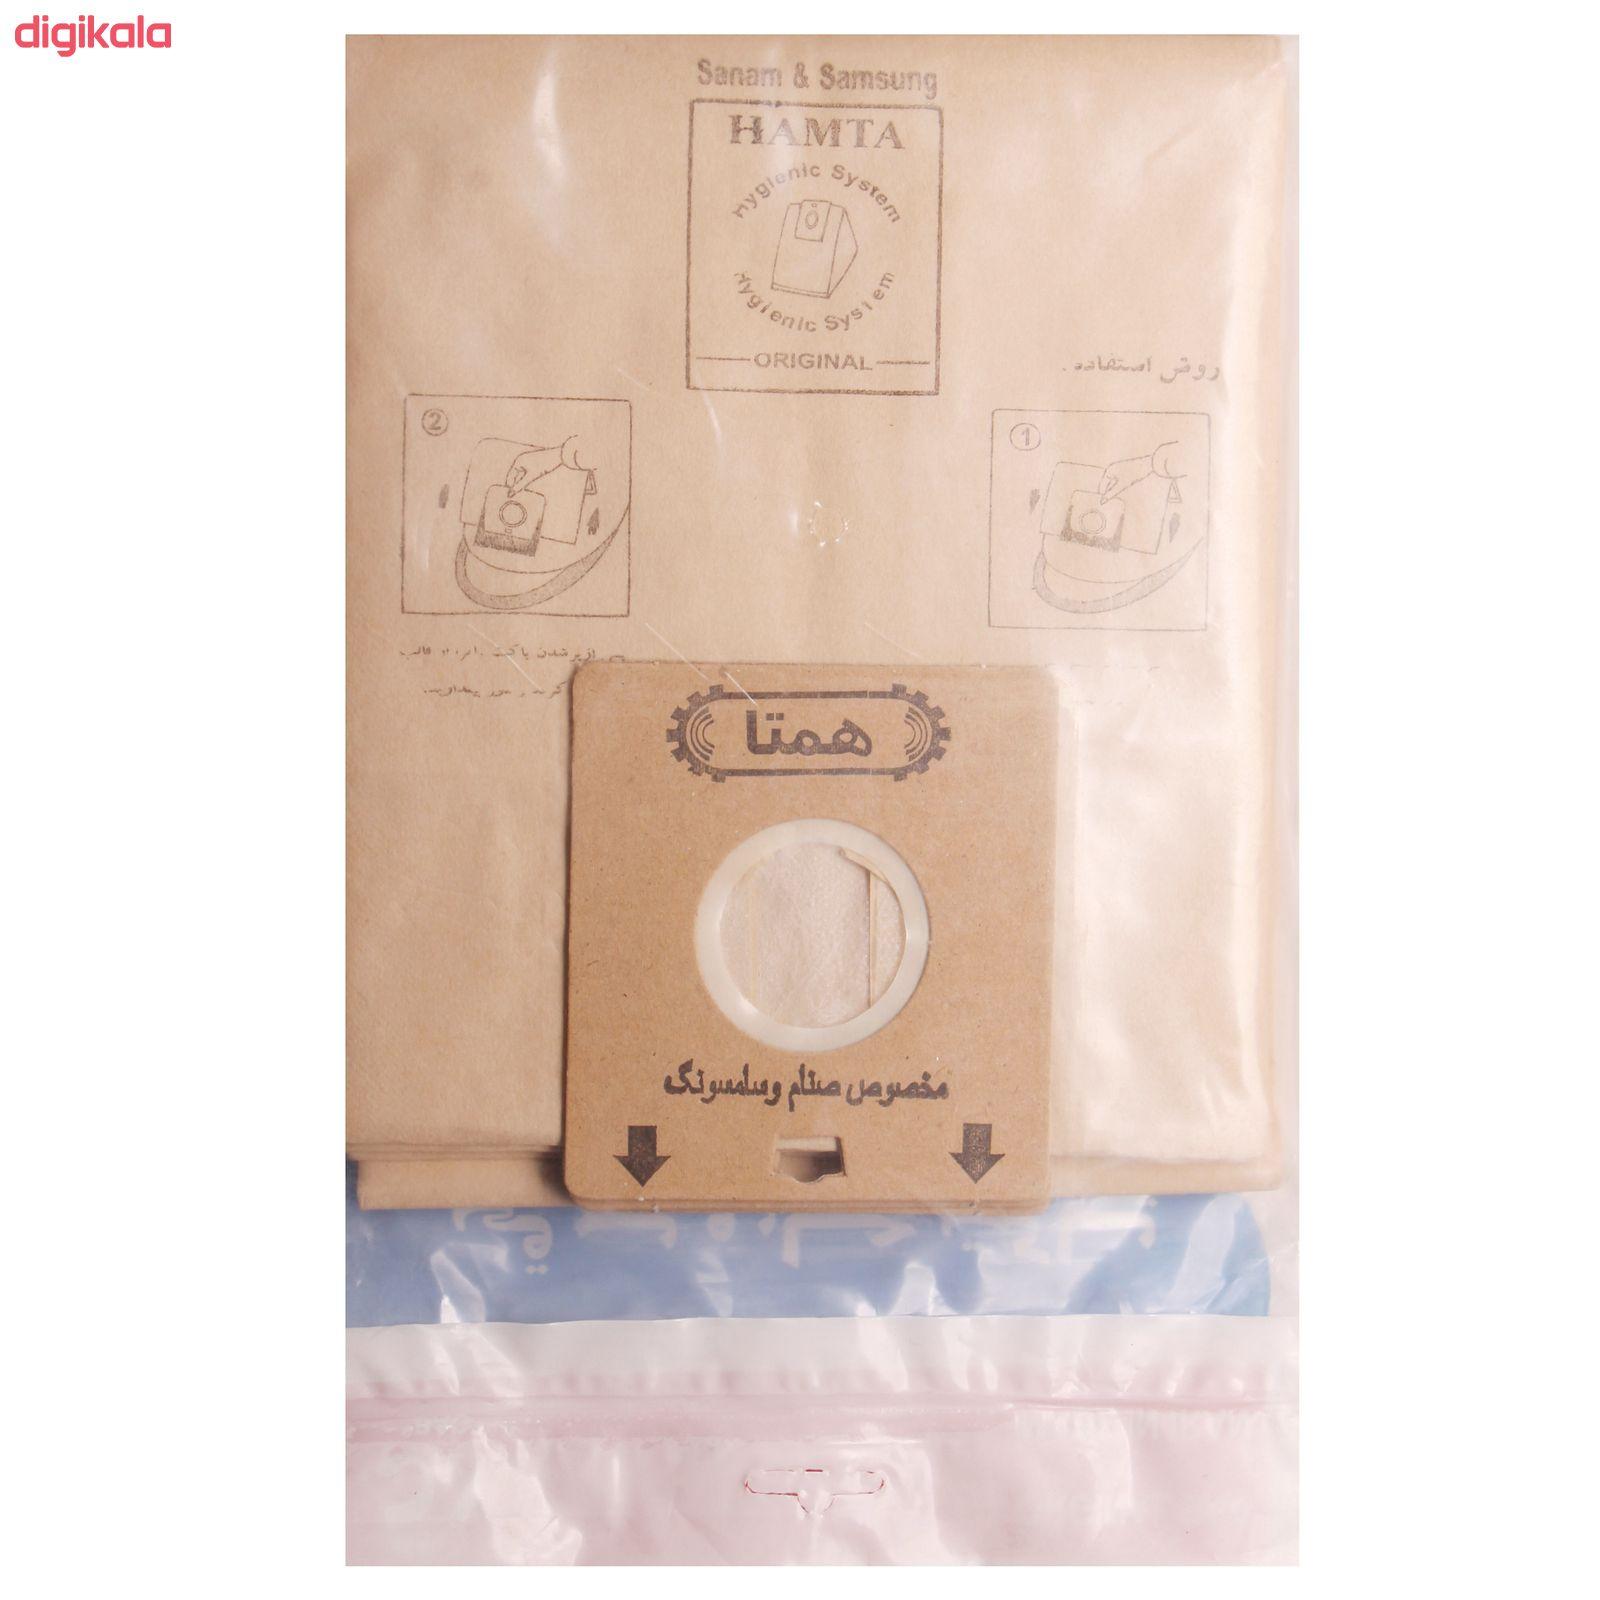 کیسه جارو برقی همتا کد 8887 بسته 5 عددی مناسب برای جاروبرقی صنام و سامسونگ main 1 1